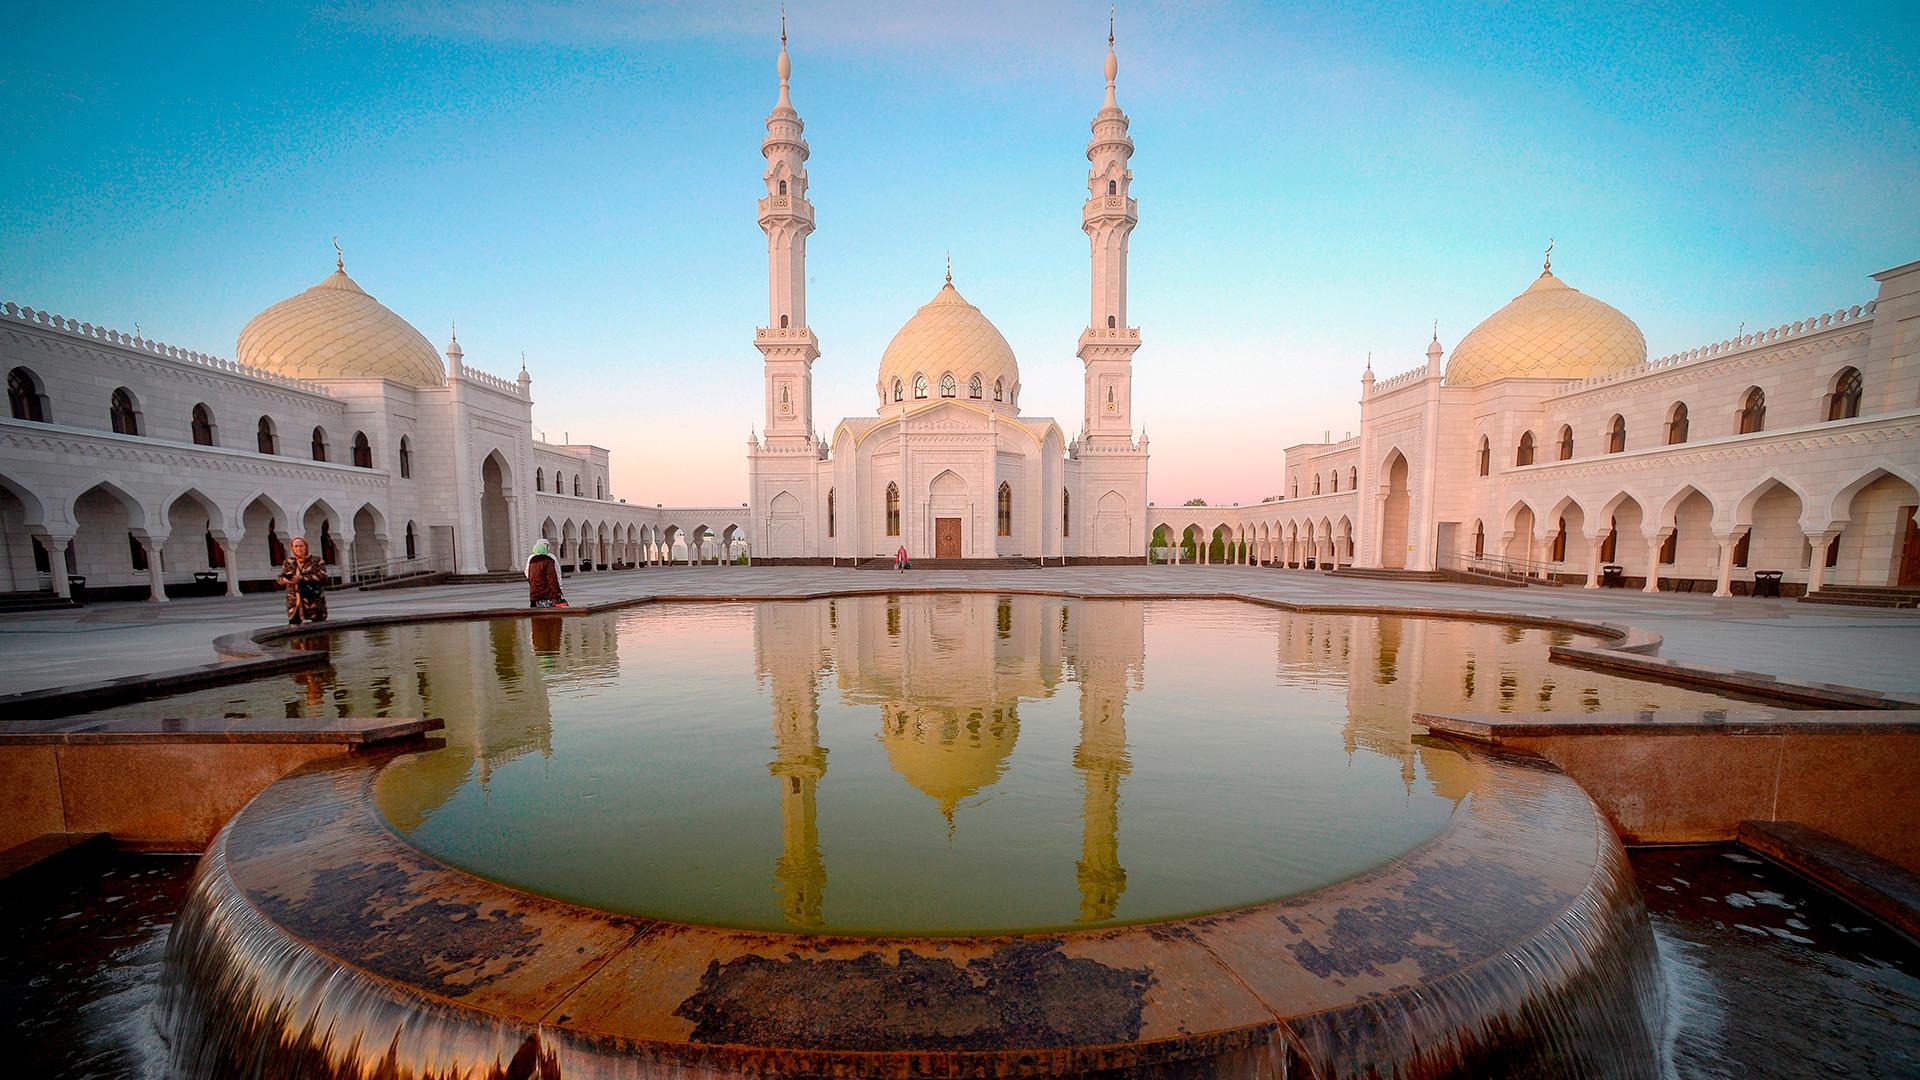 Џамија Ак Џами у граду Болгару, празник Изге Болгар Чијени посвећен дану примања ислама у Волшкој Булгарији.